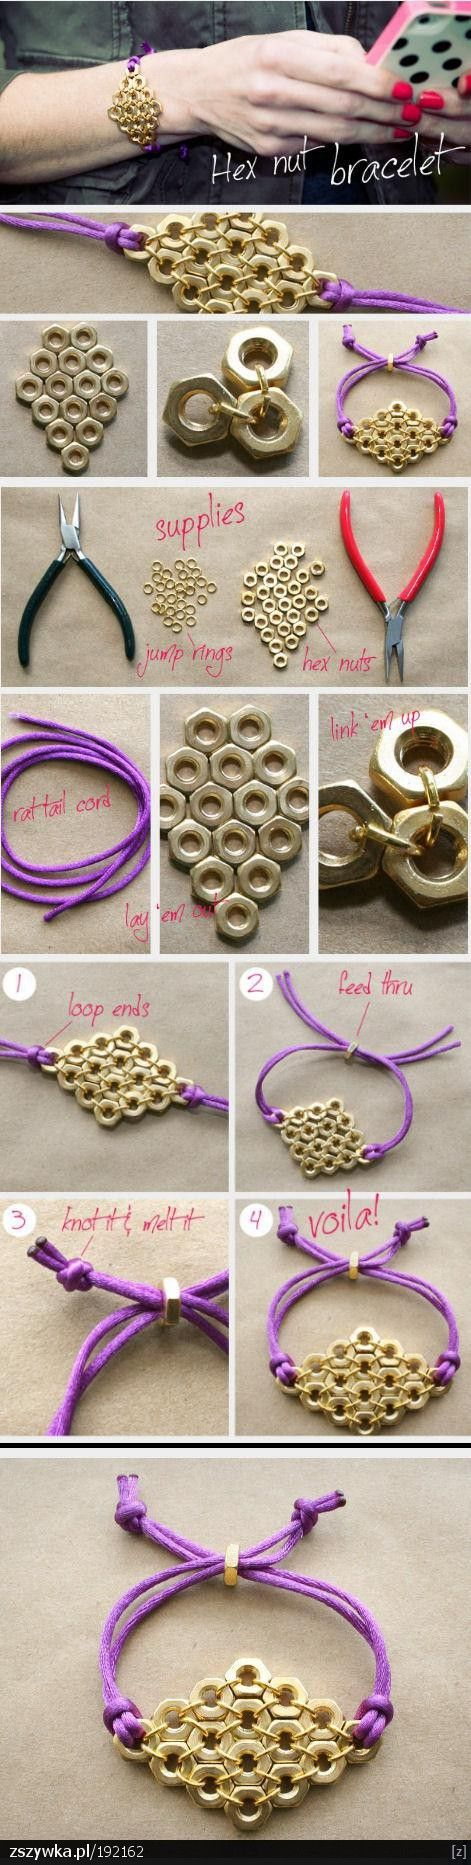 Hex nut Bracelet. Super cute!